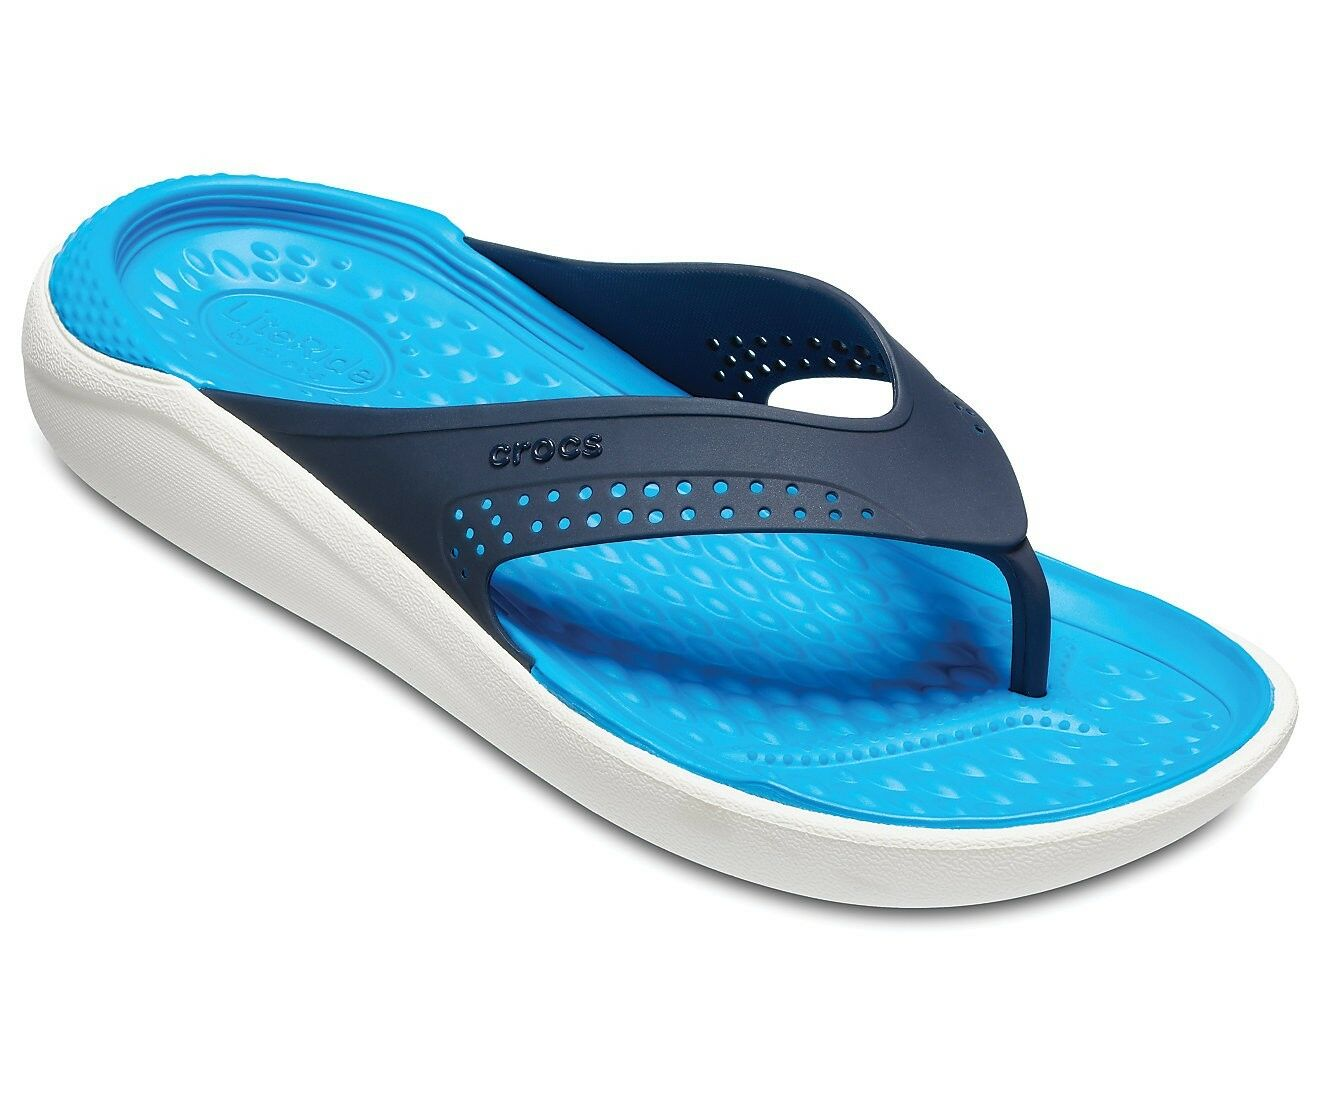 Crocs LiteRide Flip Flop Sandal 205182-462 Navy White 100% Authentic Lite RIde